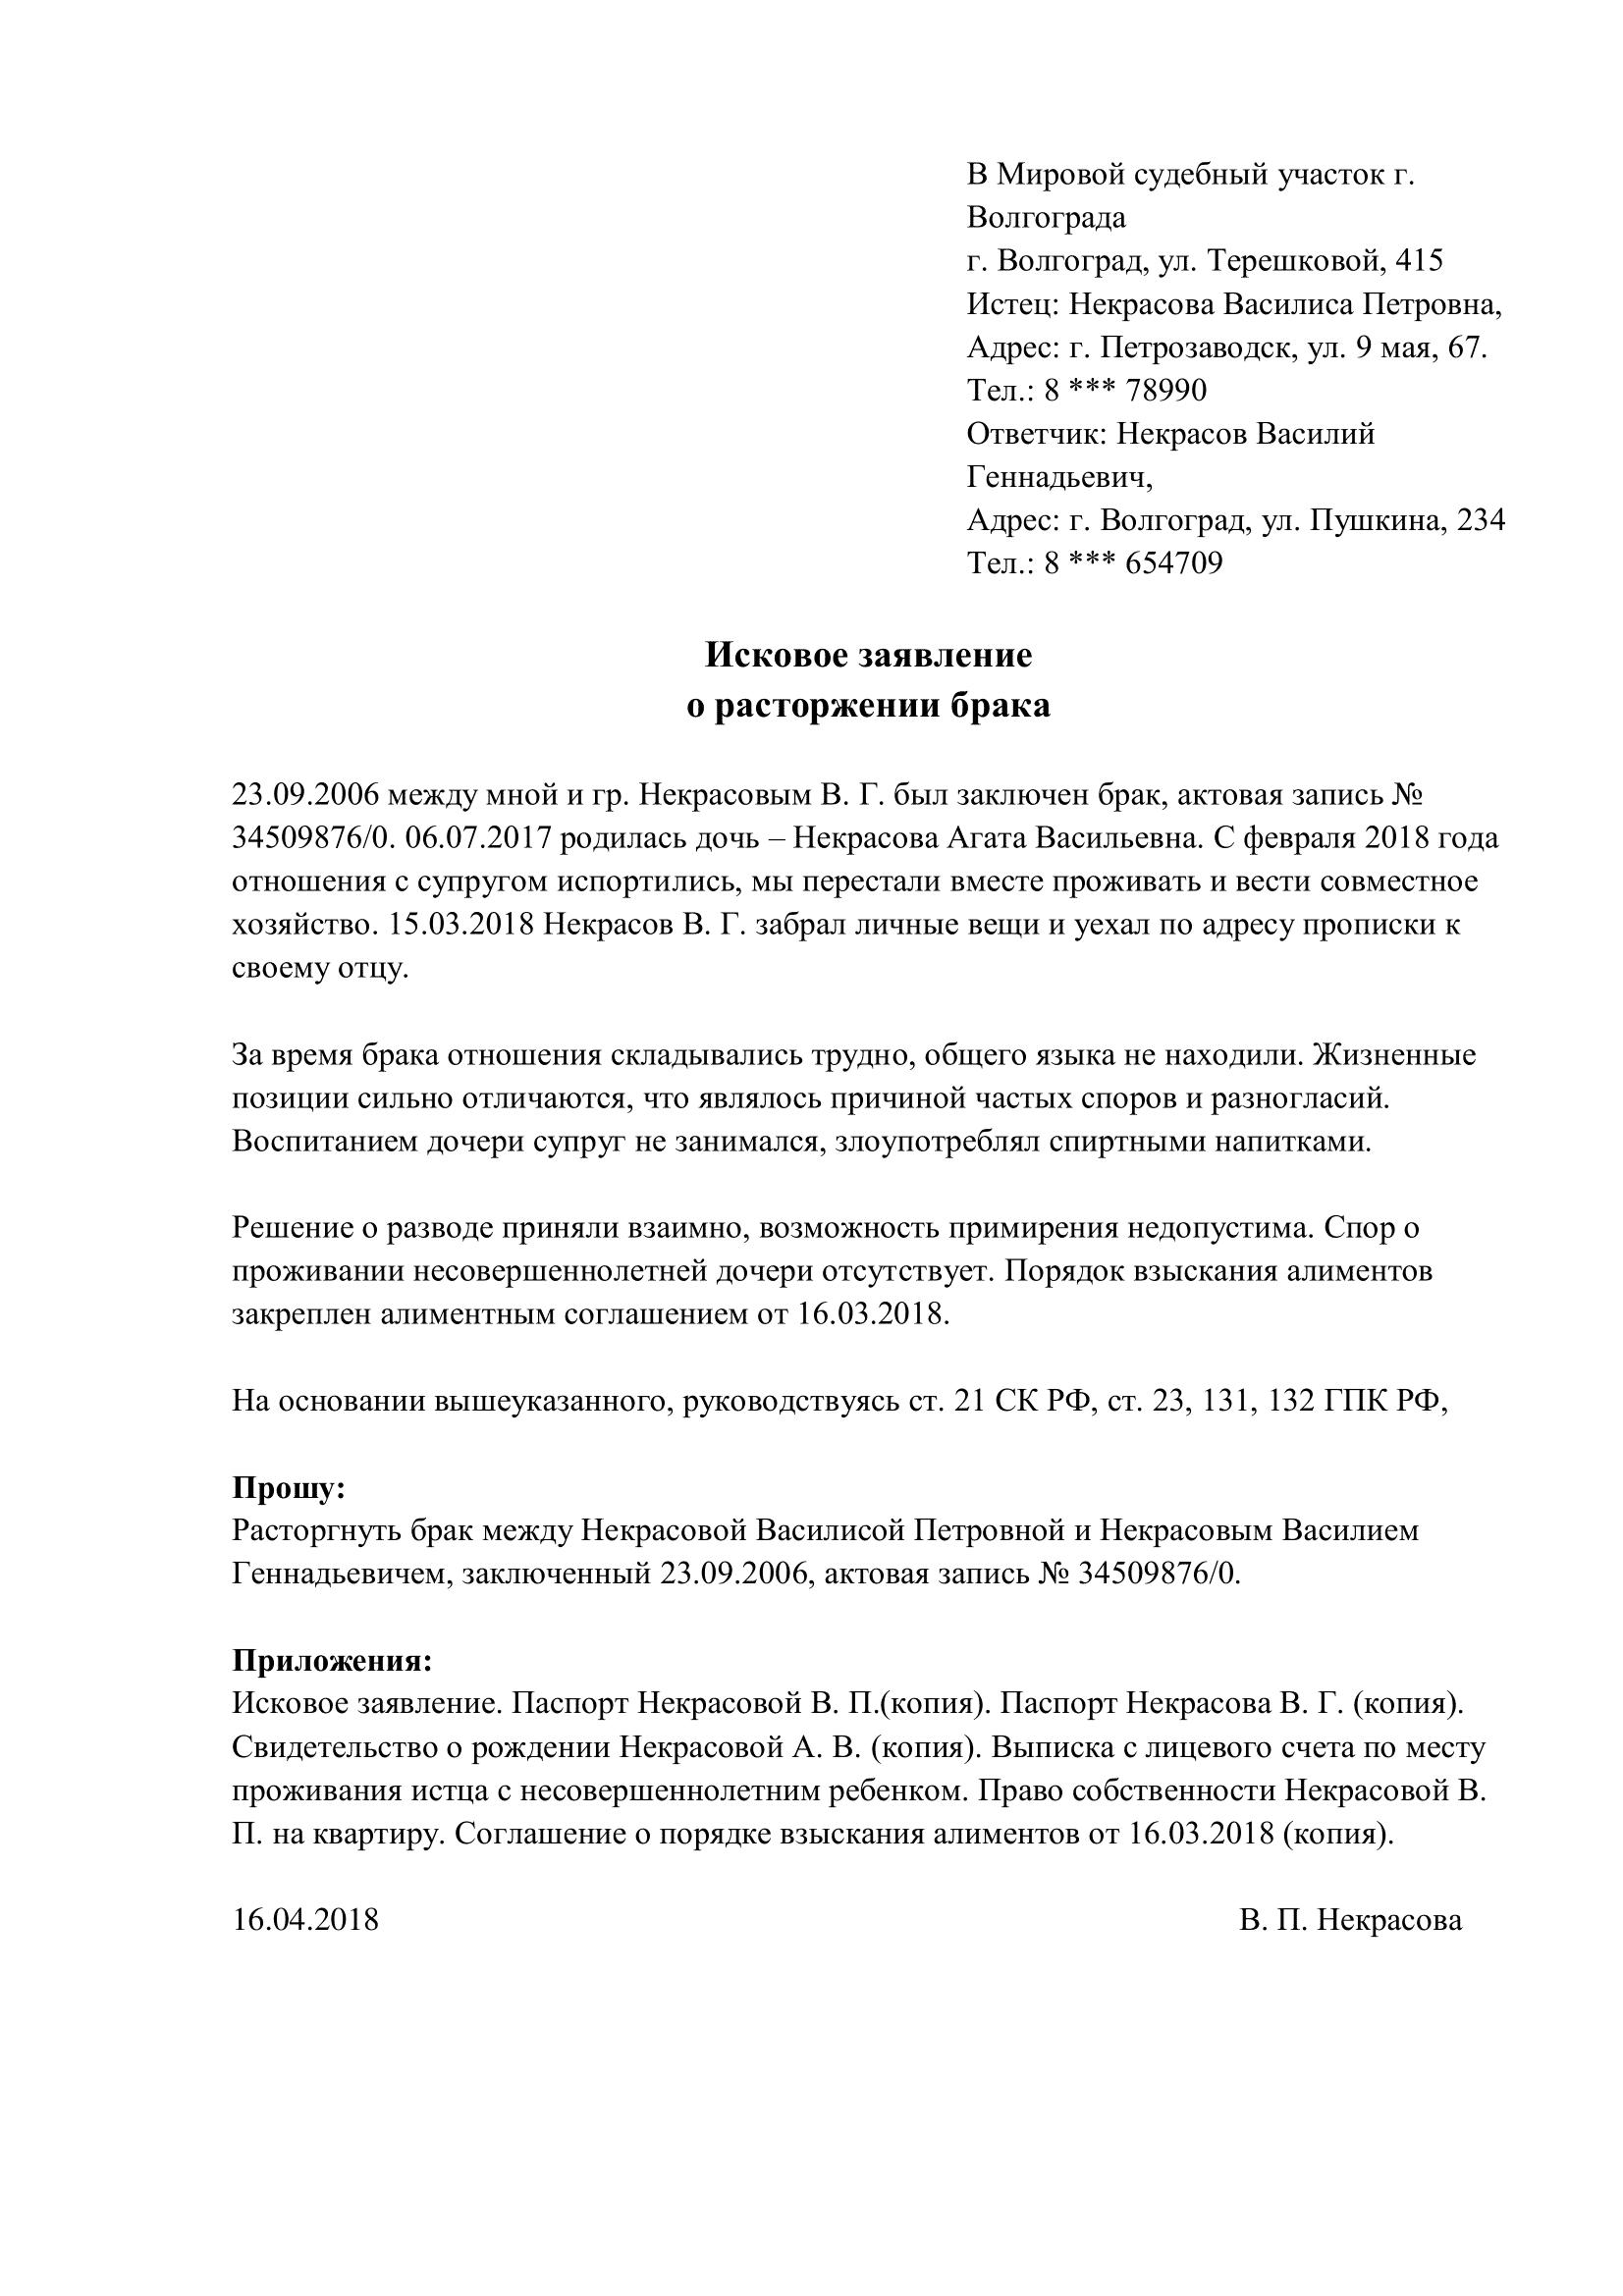 Исковое заявление о расторжении брака в мировой суд (образец)